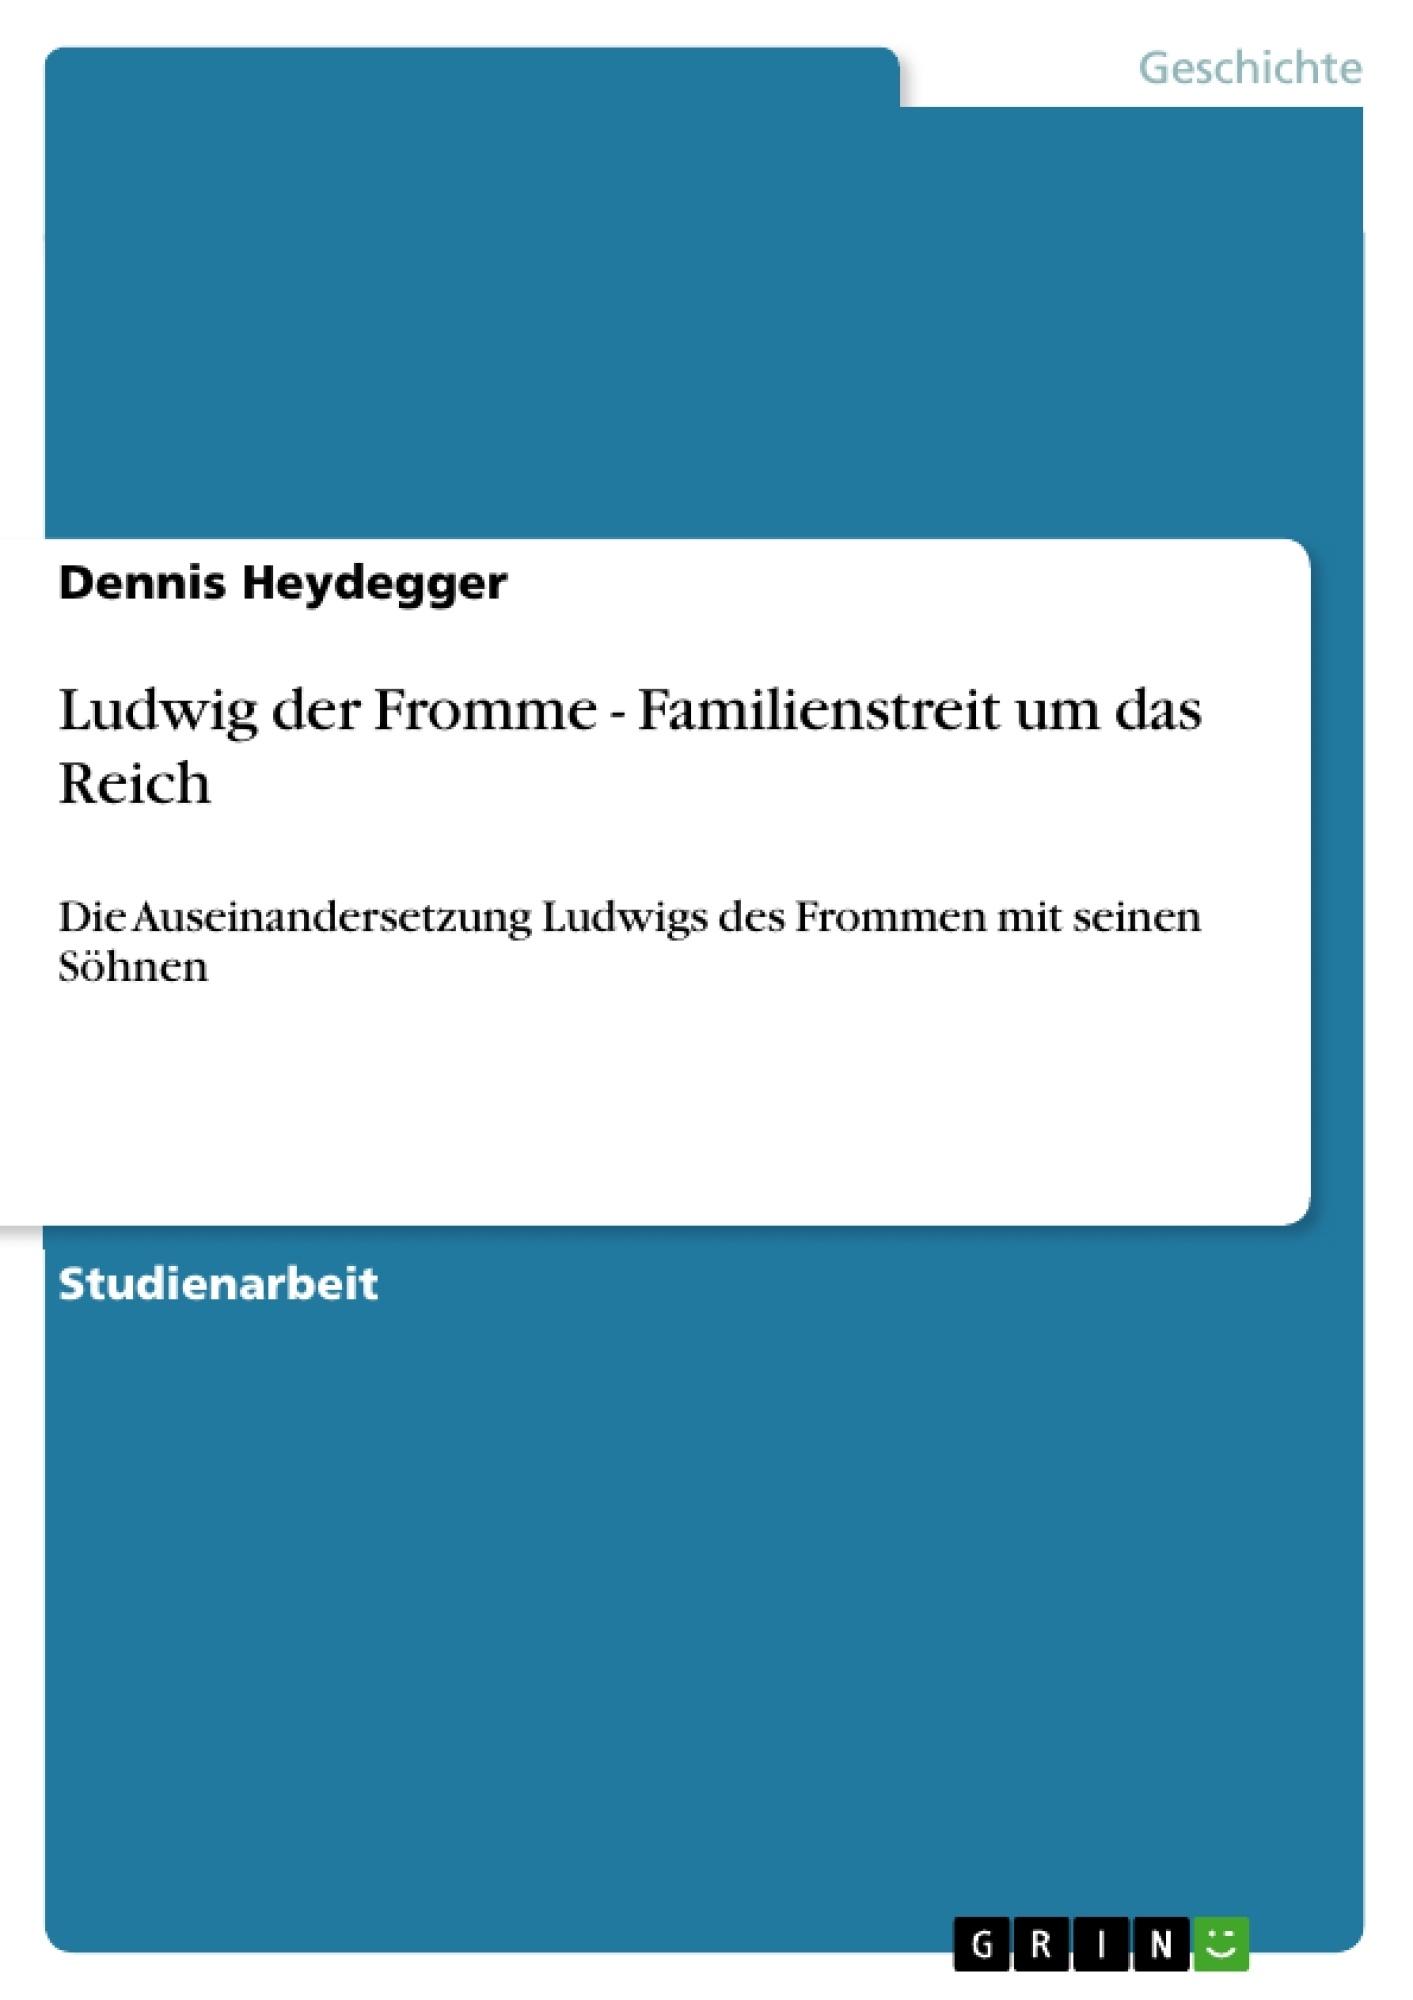 Titel: Ludwig der Fromme - Familienstreit um das Reich